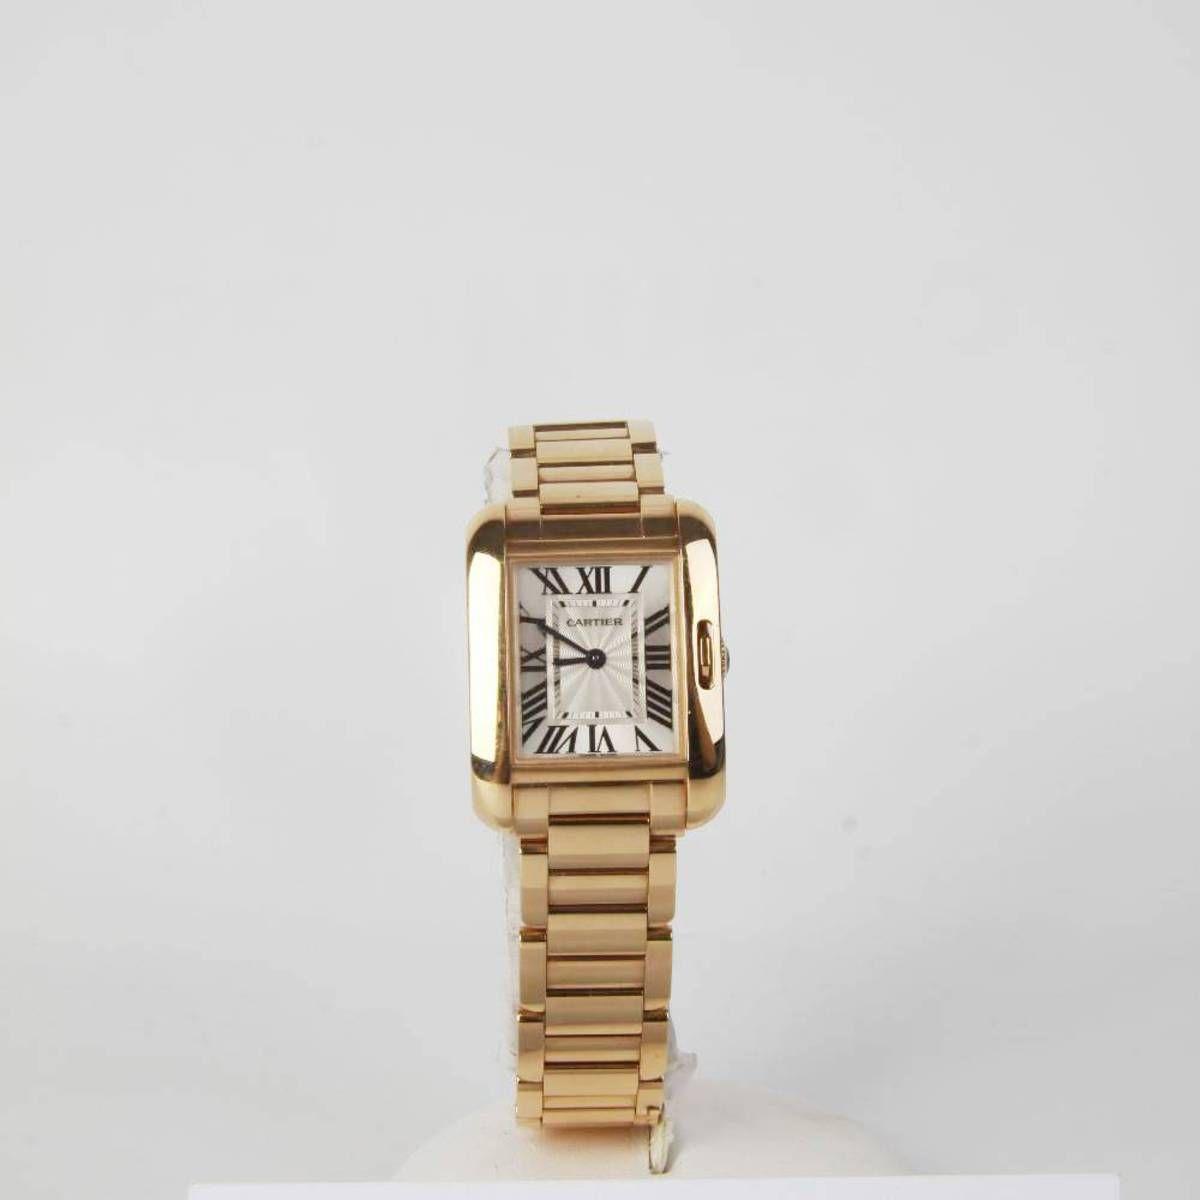 Reloj CARTIER TANK ANGLAISE de oro rosa de 18 kilates E274530 ... 65320516a957